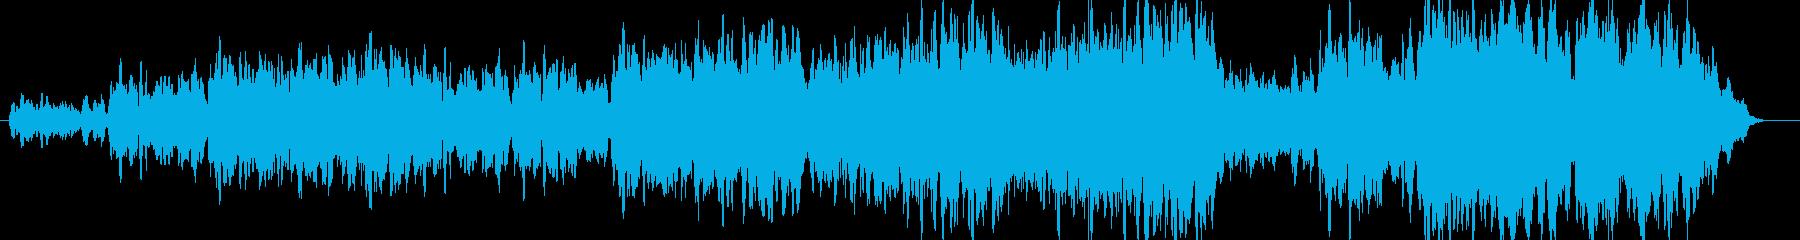 コーラスが中心の曲の再生済みの波形